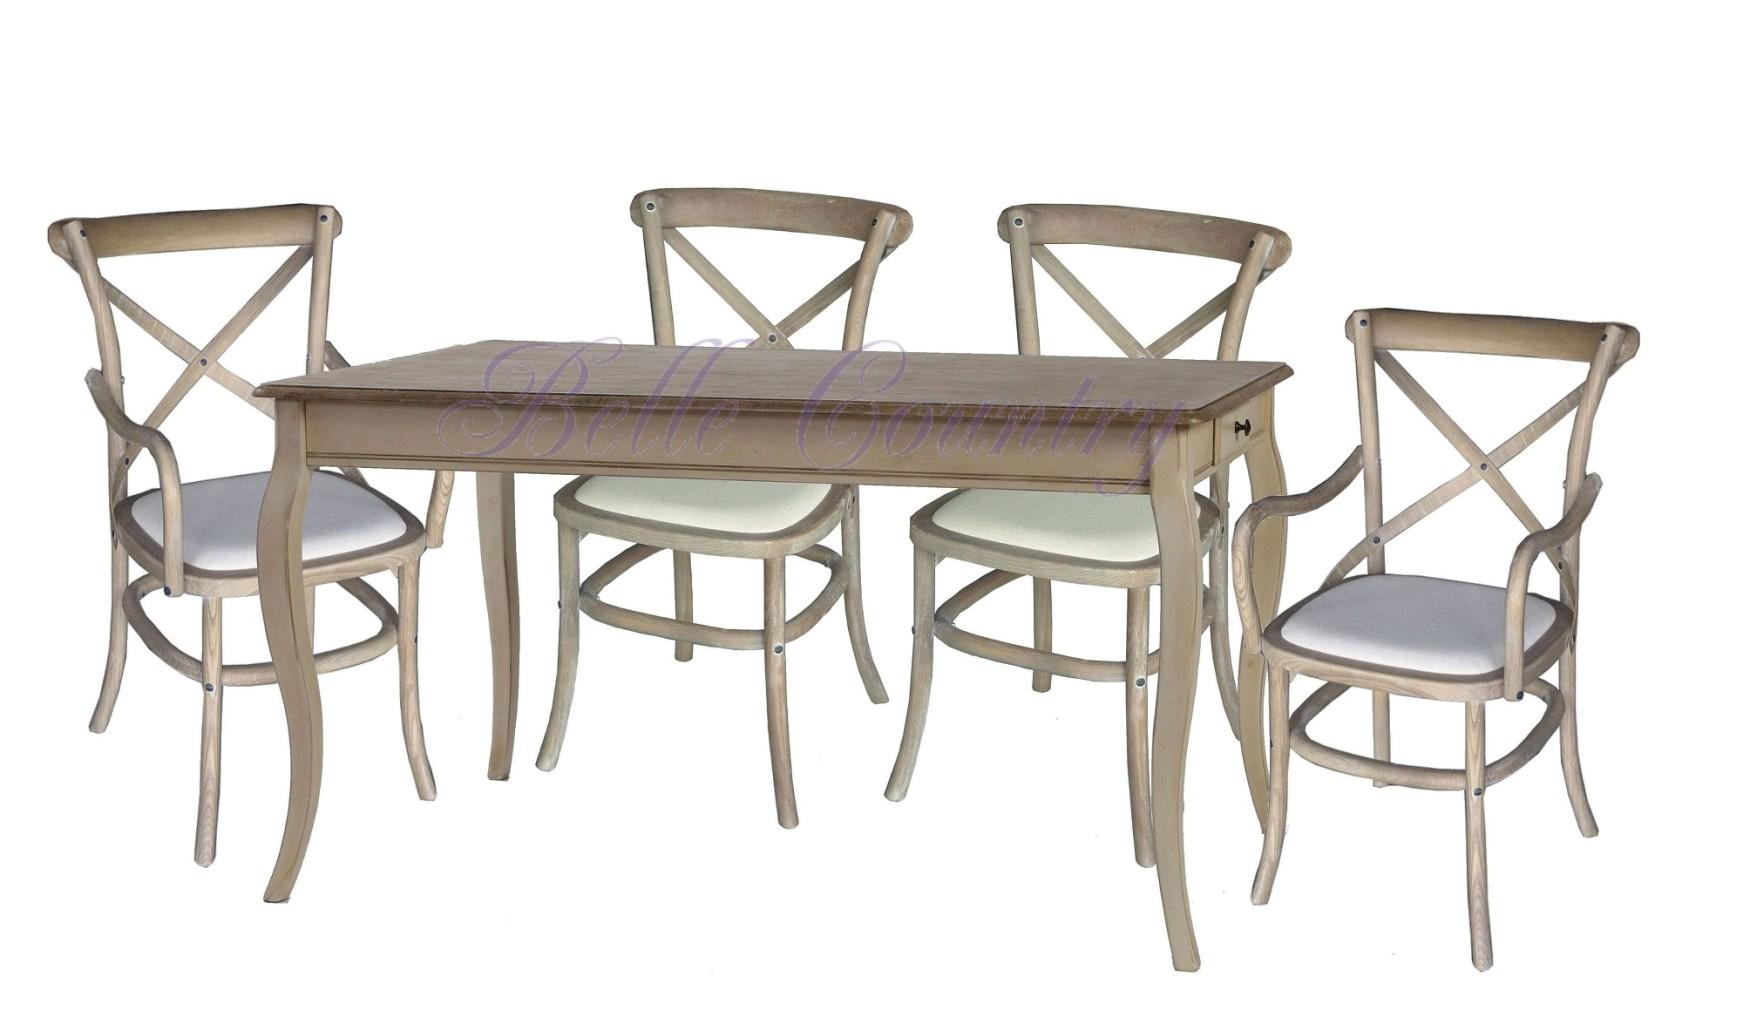 Стол-обеденный-H812-4-стула-K886-2-кресла-K885-Цвет-D-68-Grey-Серо-бежевый-собран.-2